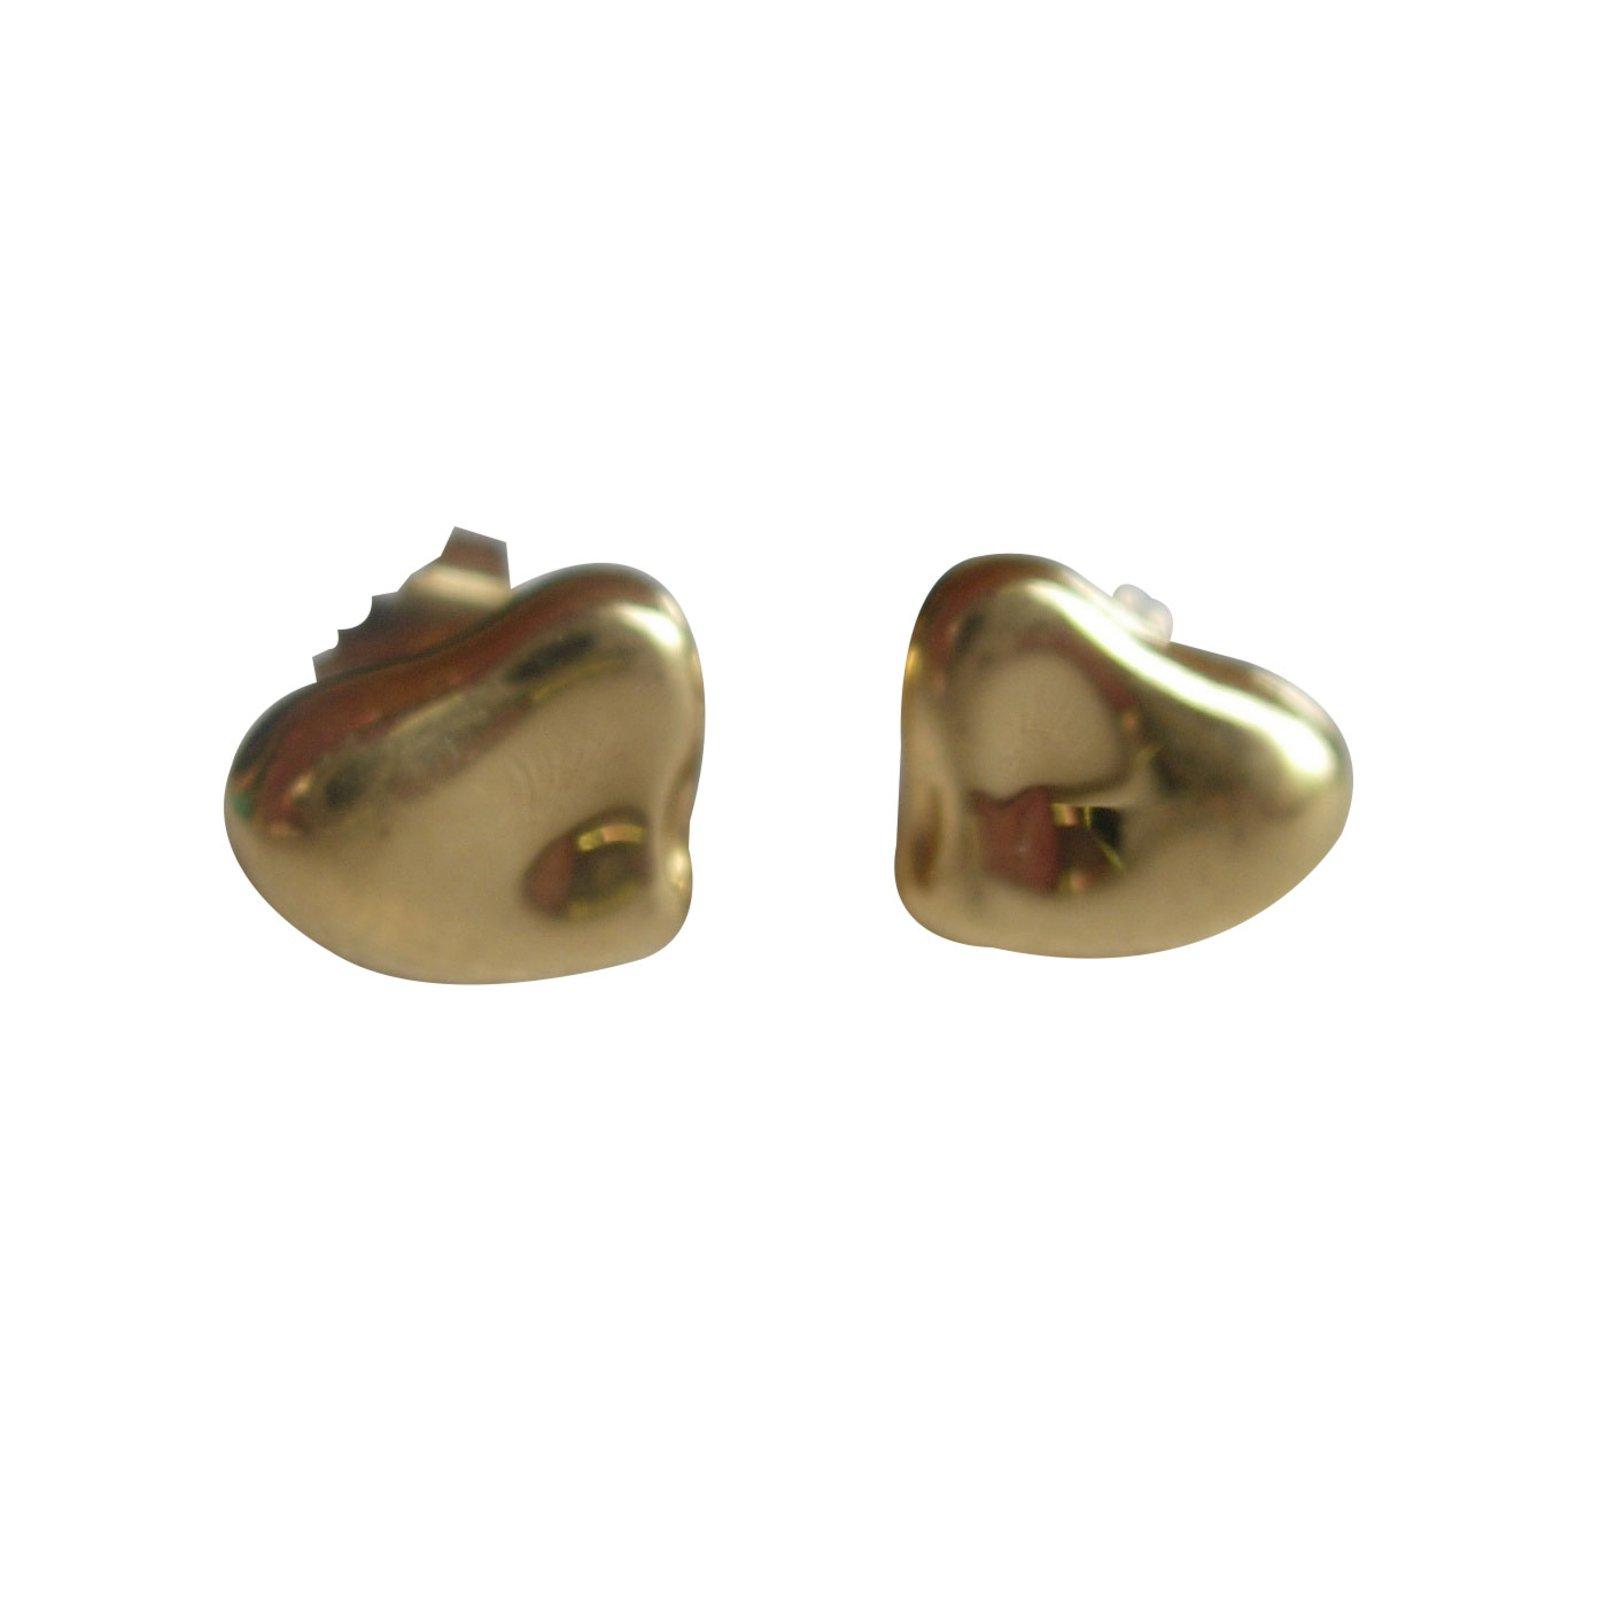 Tiffany Co Full Heart By Elsa Peretti Earrings Yellow Gold Golden Ref 66892